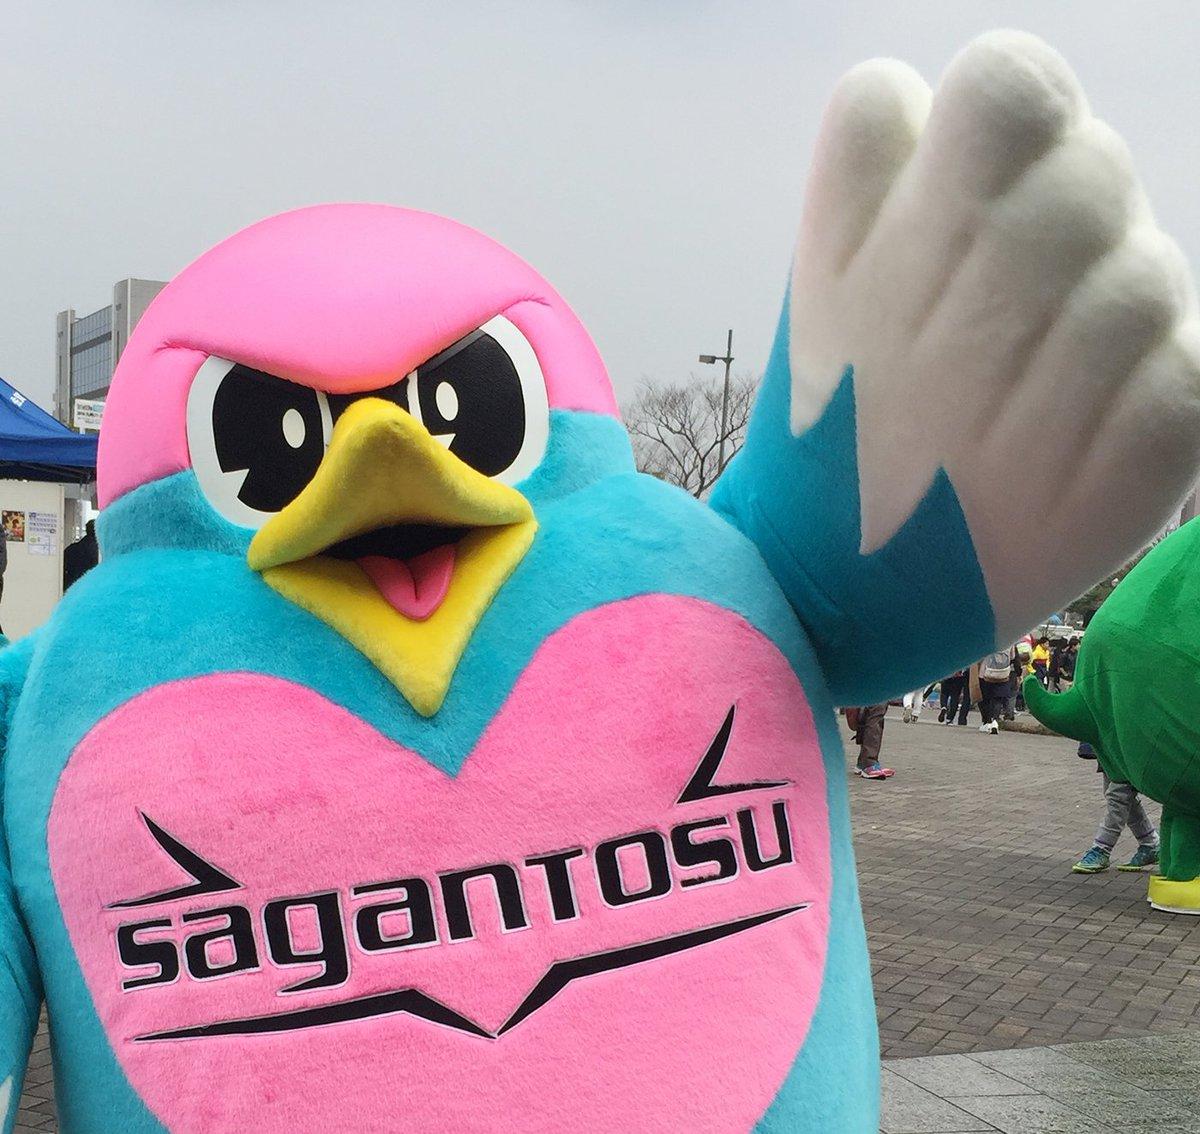 マスコットキャラクターのウィントスと2017年度の契約を更新しました! #sagantosu sag…